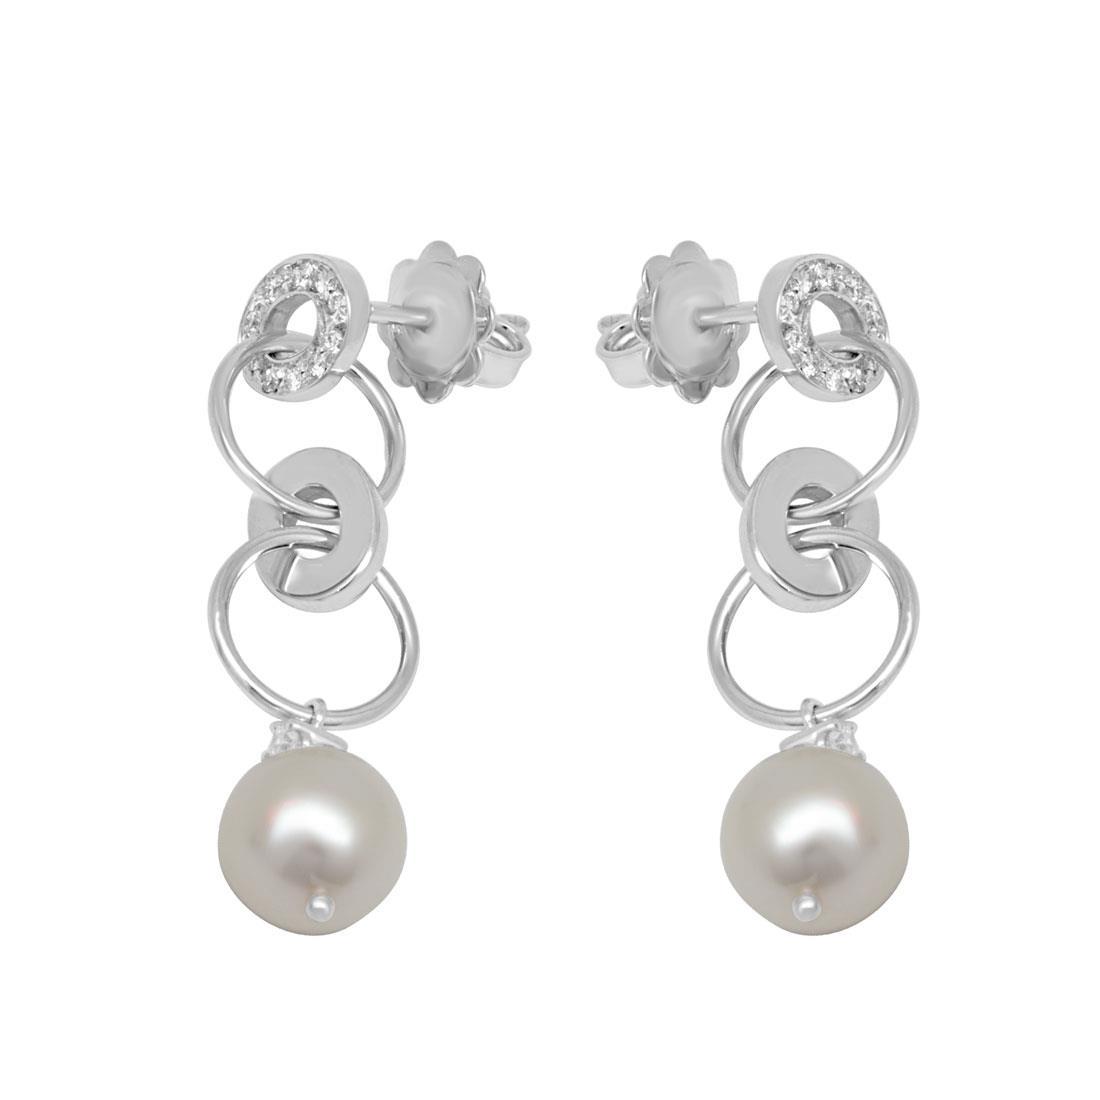 Orecchini in oro bianco con perle e diamanti ct 0.18 - SALVINI